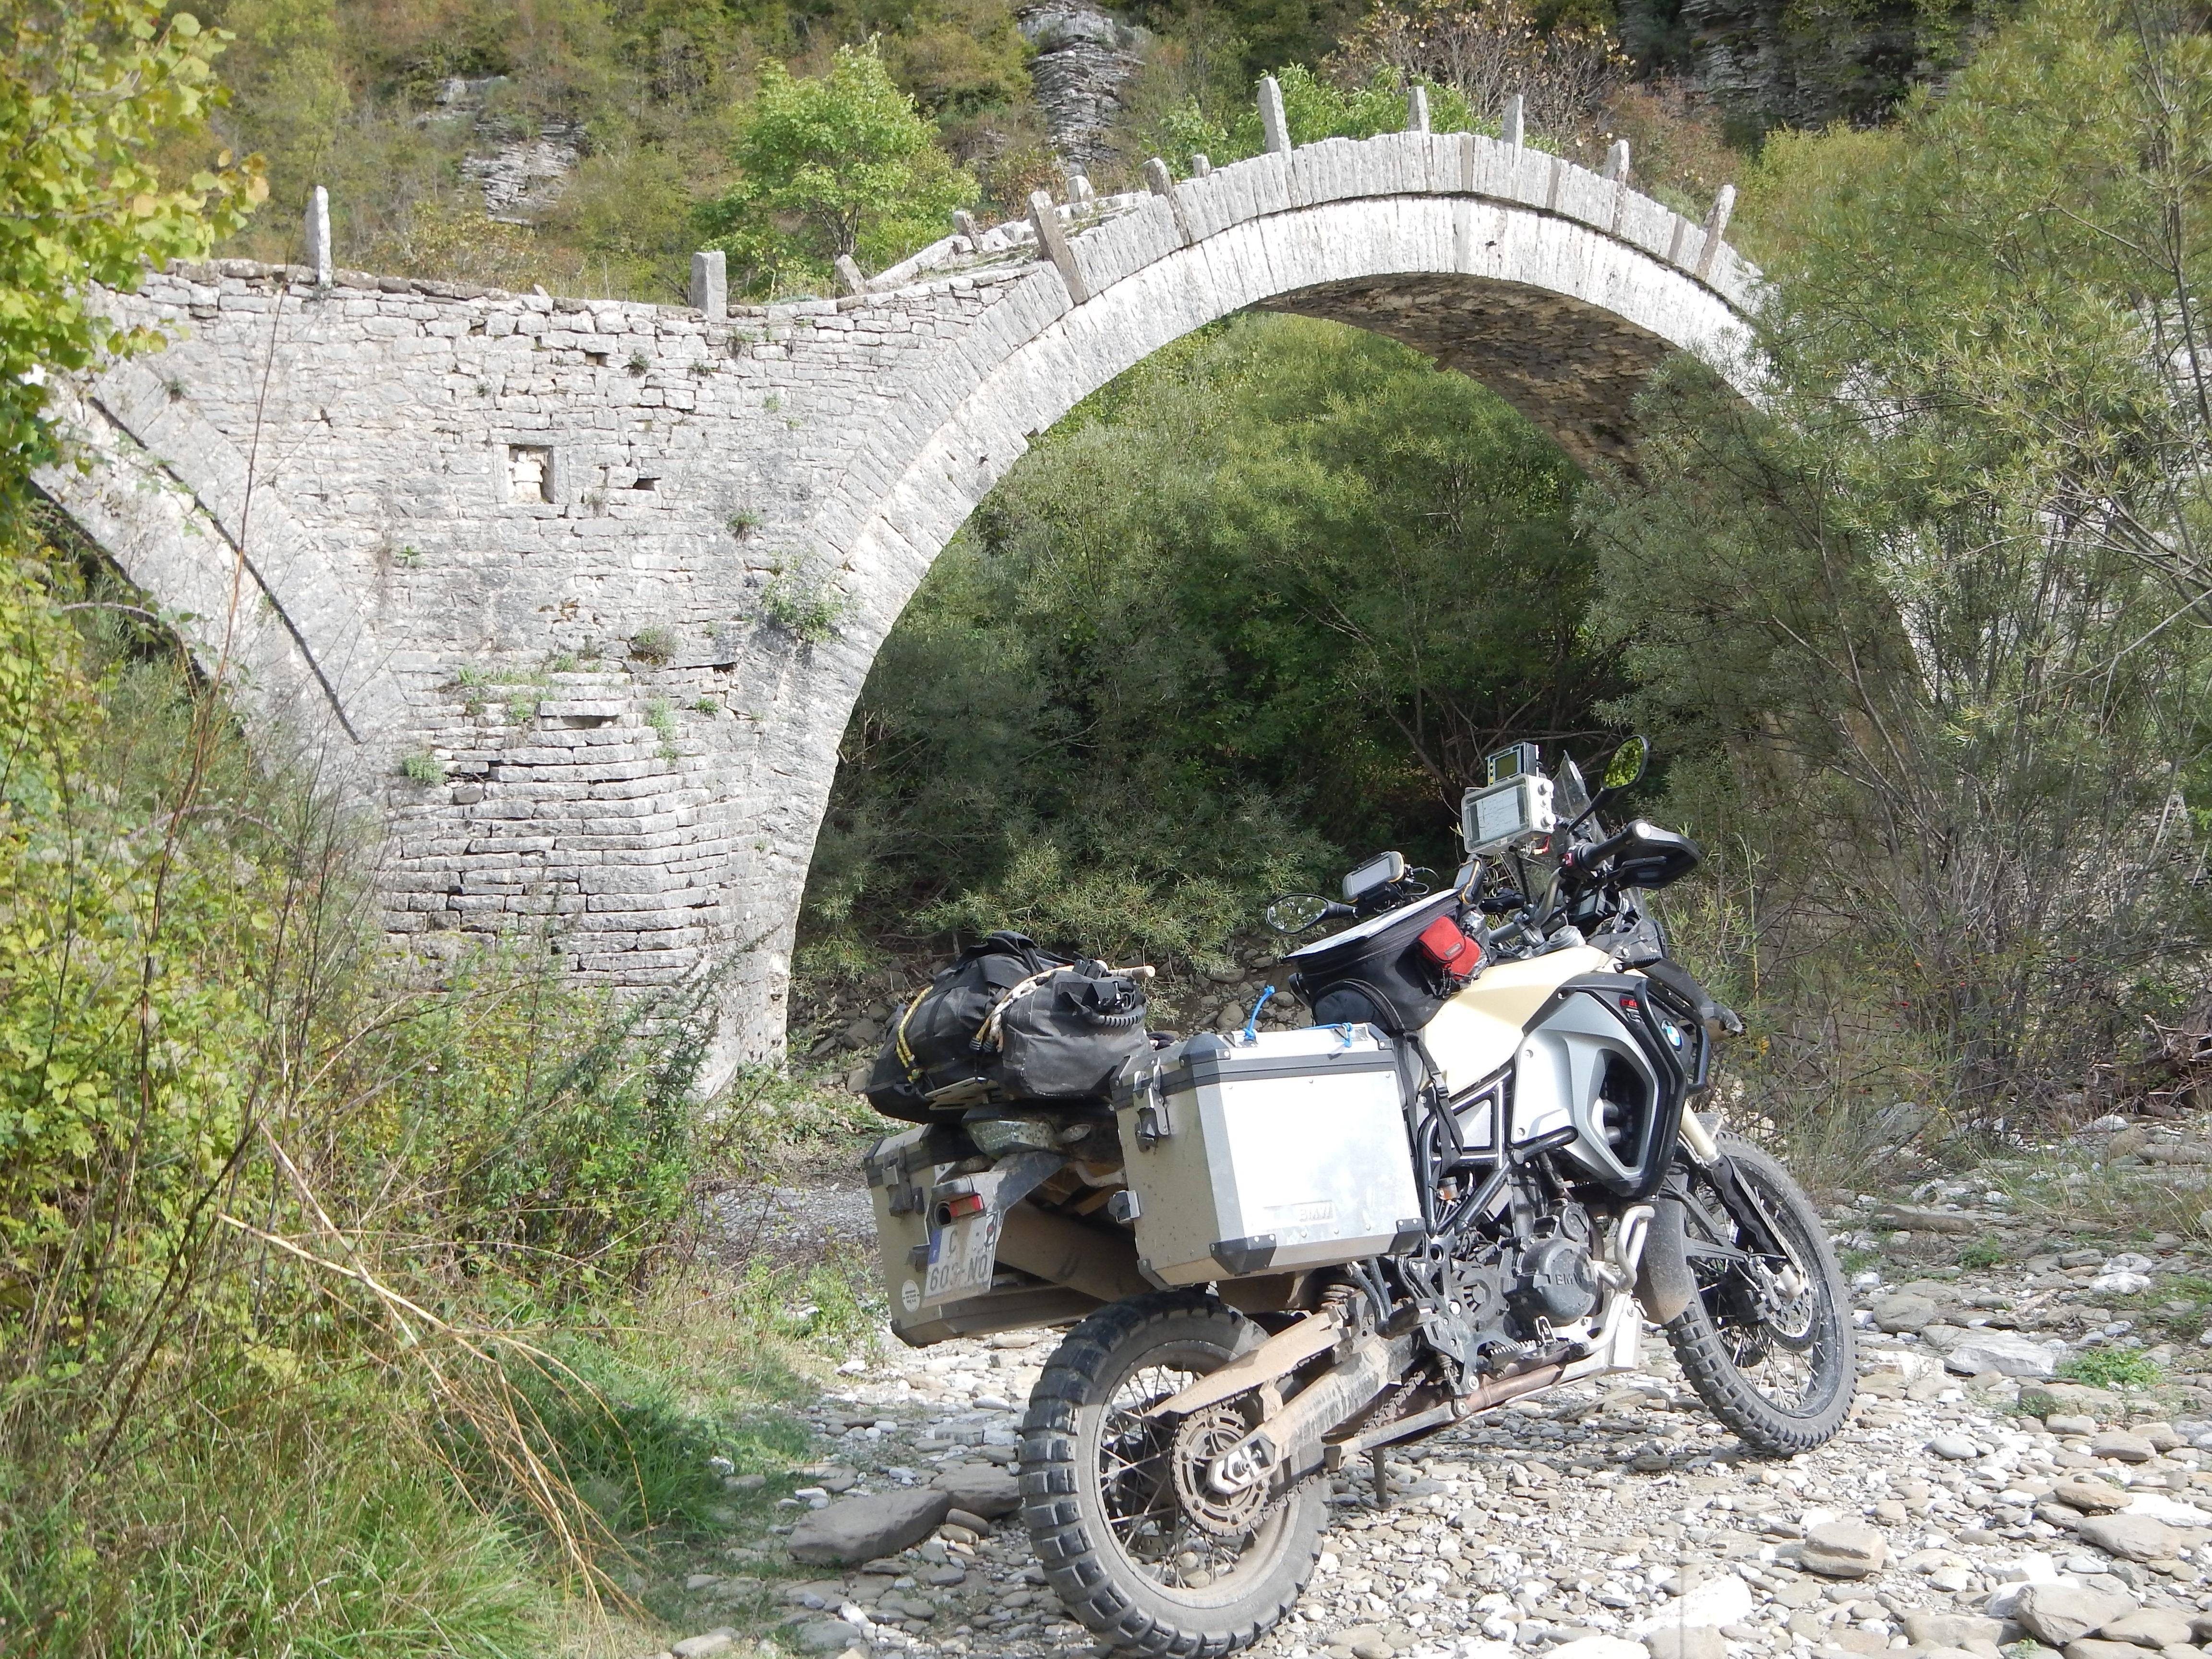 Grèce - Destination Météores par trail rando 161003101732941305